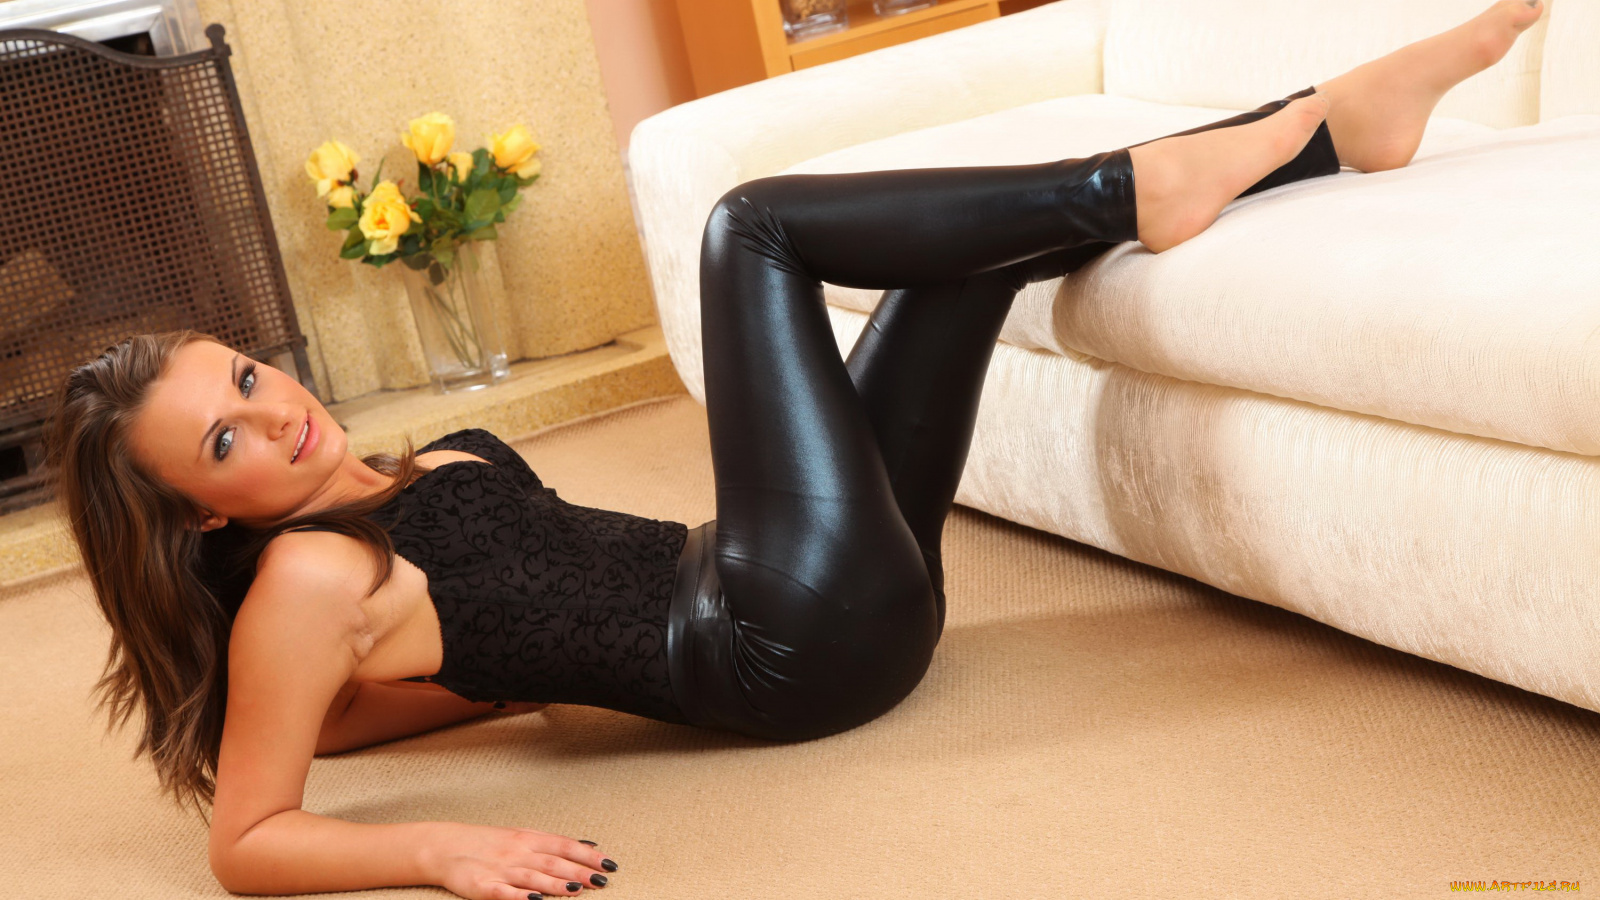 Показывает фото стройная попа в черных колготках позирует в зале видео ролик онлайн девушек трахают